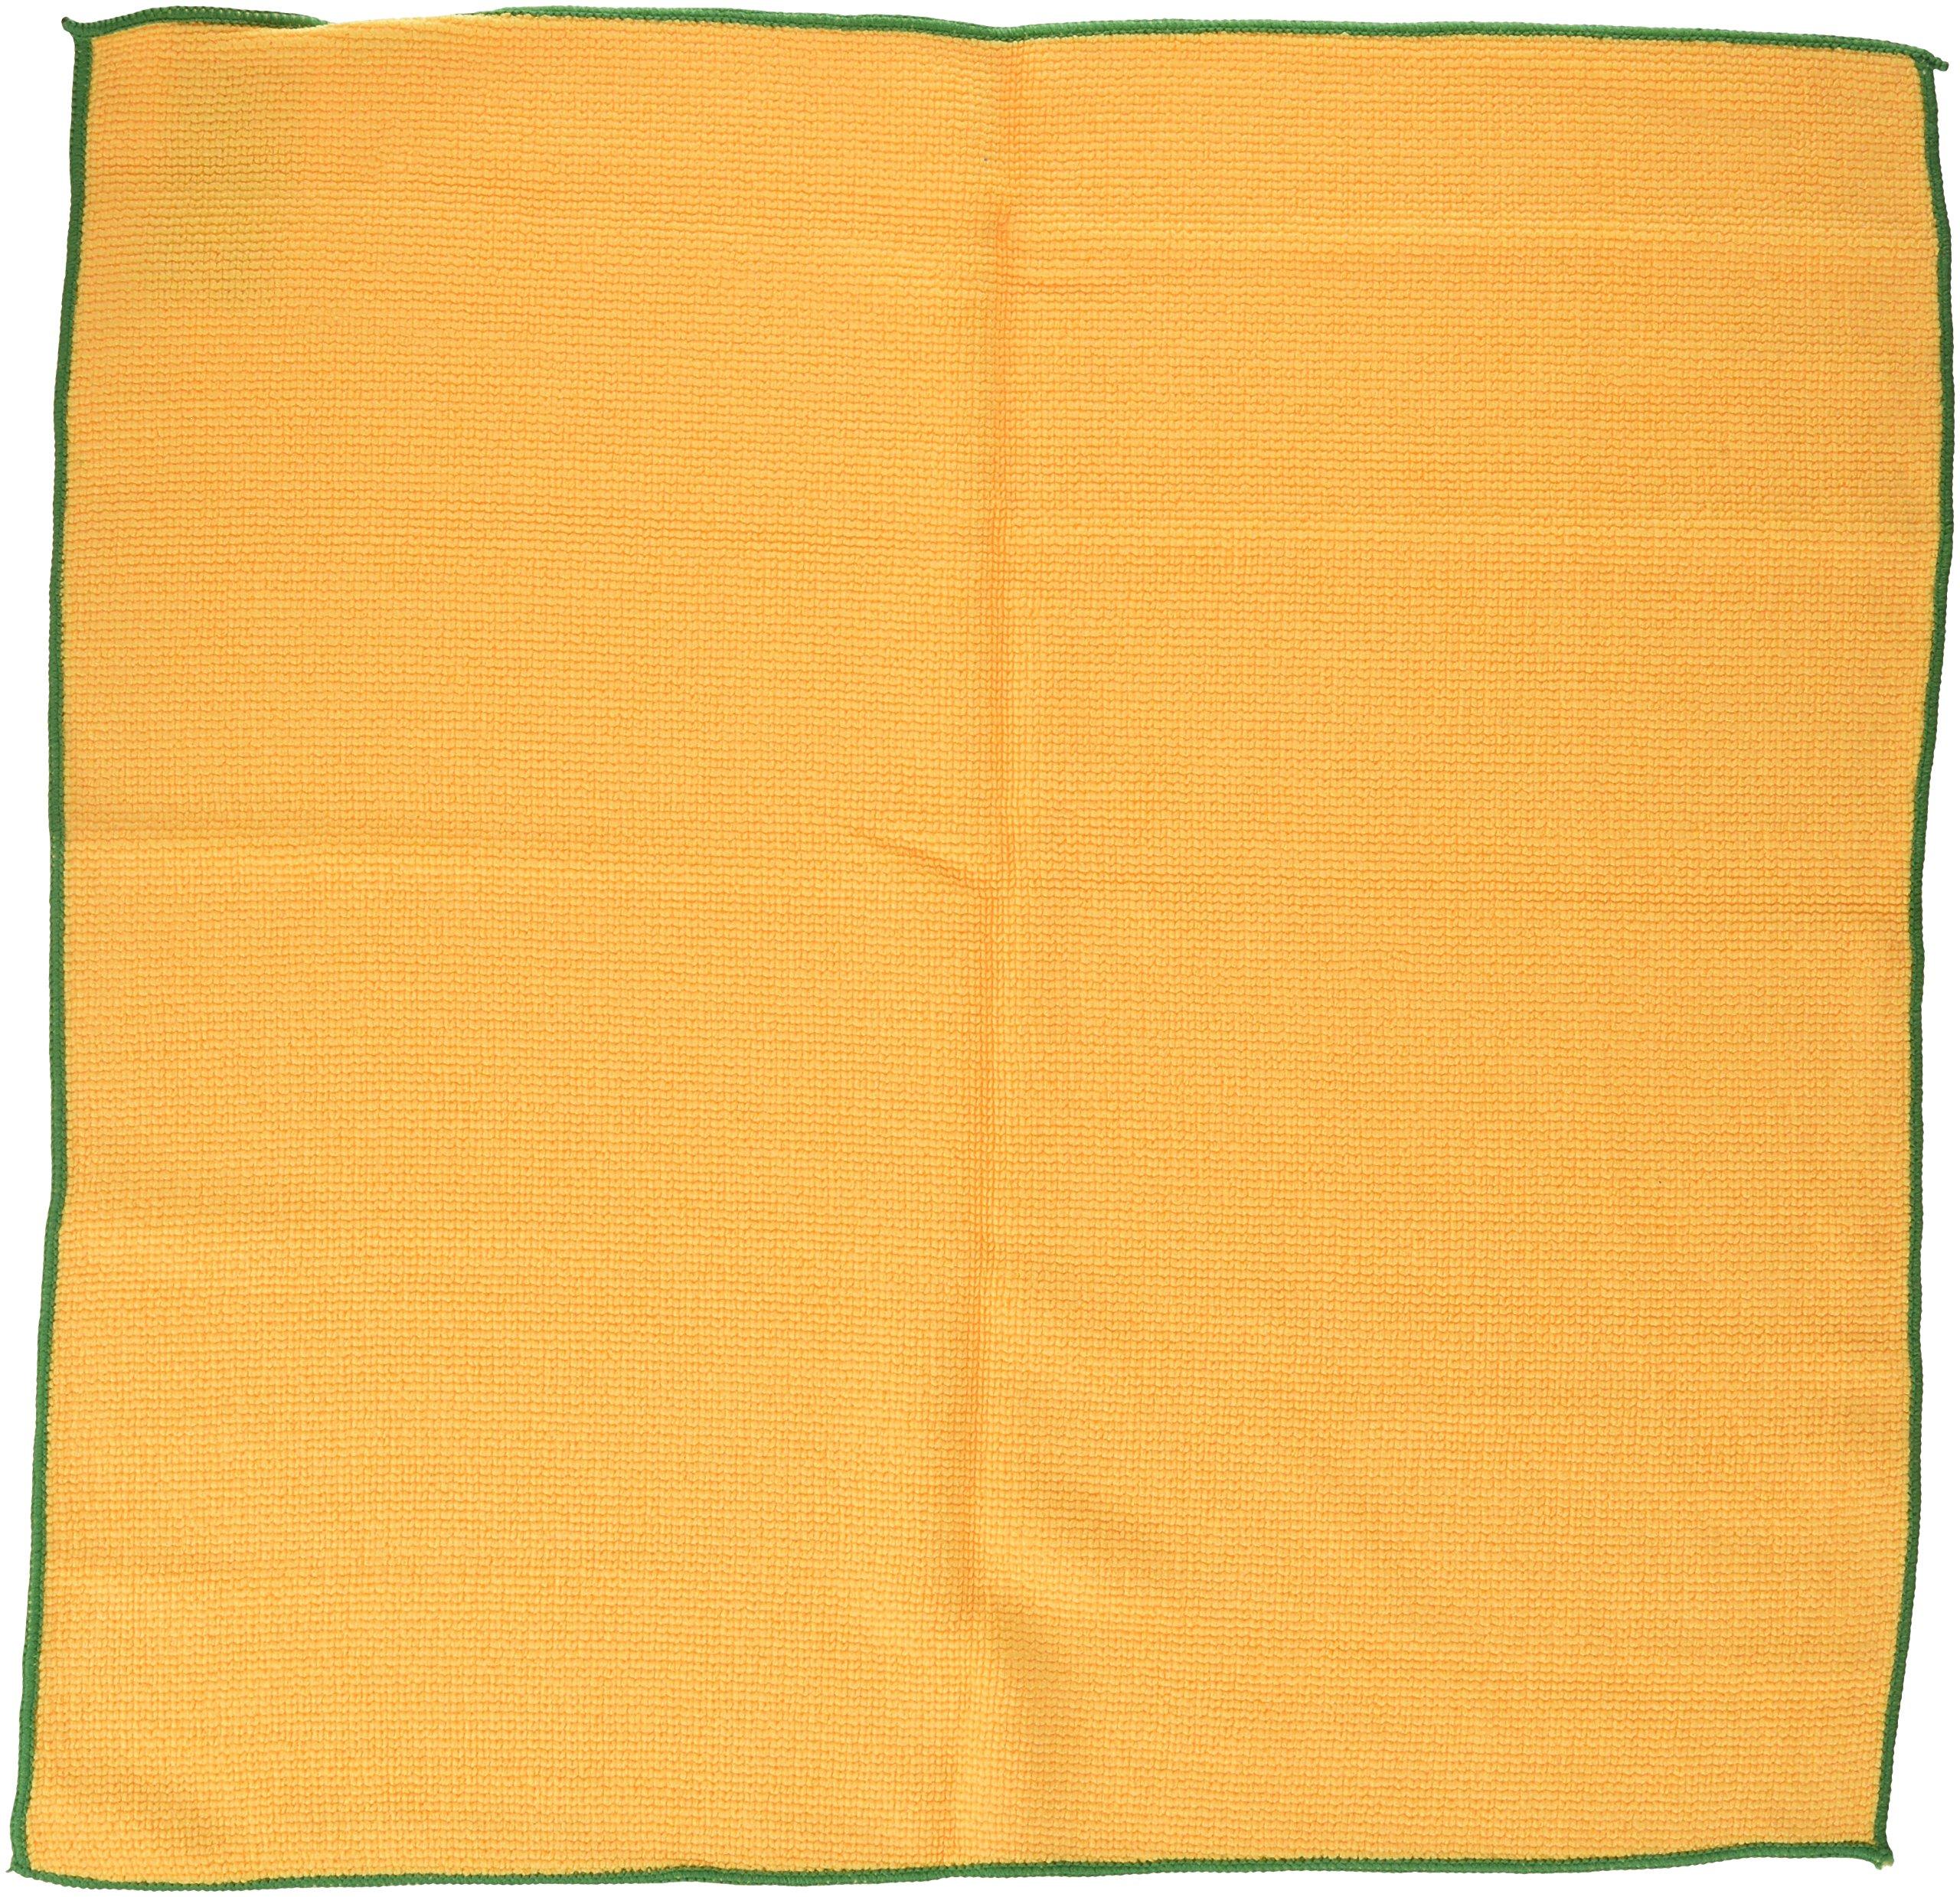 KIM83610 - KIMBERLY CLARK WYPALL Cloths w/Microban by Kimberly-Clark (Image #1)